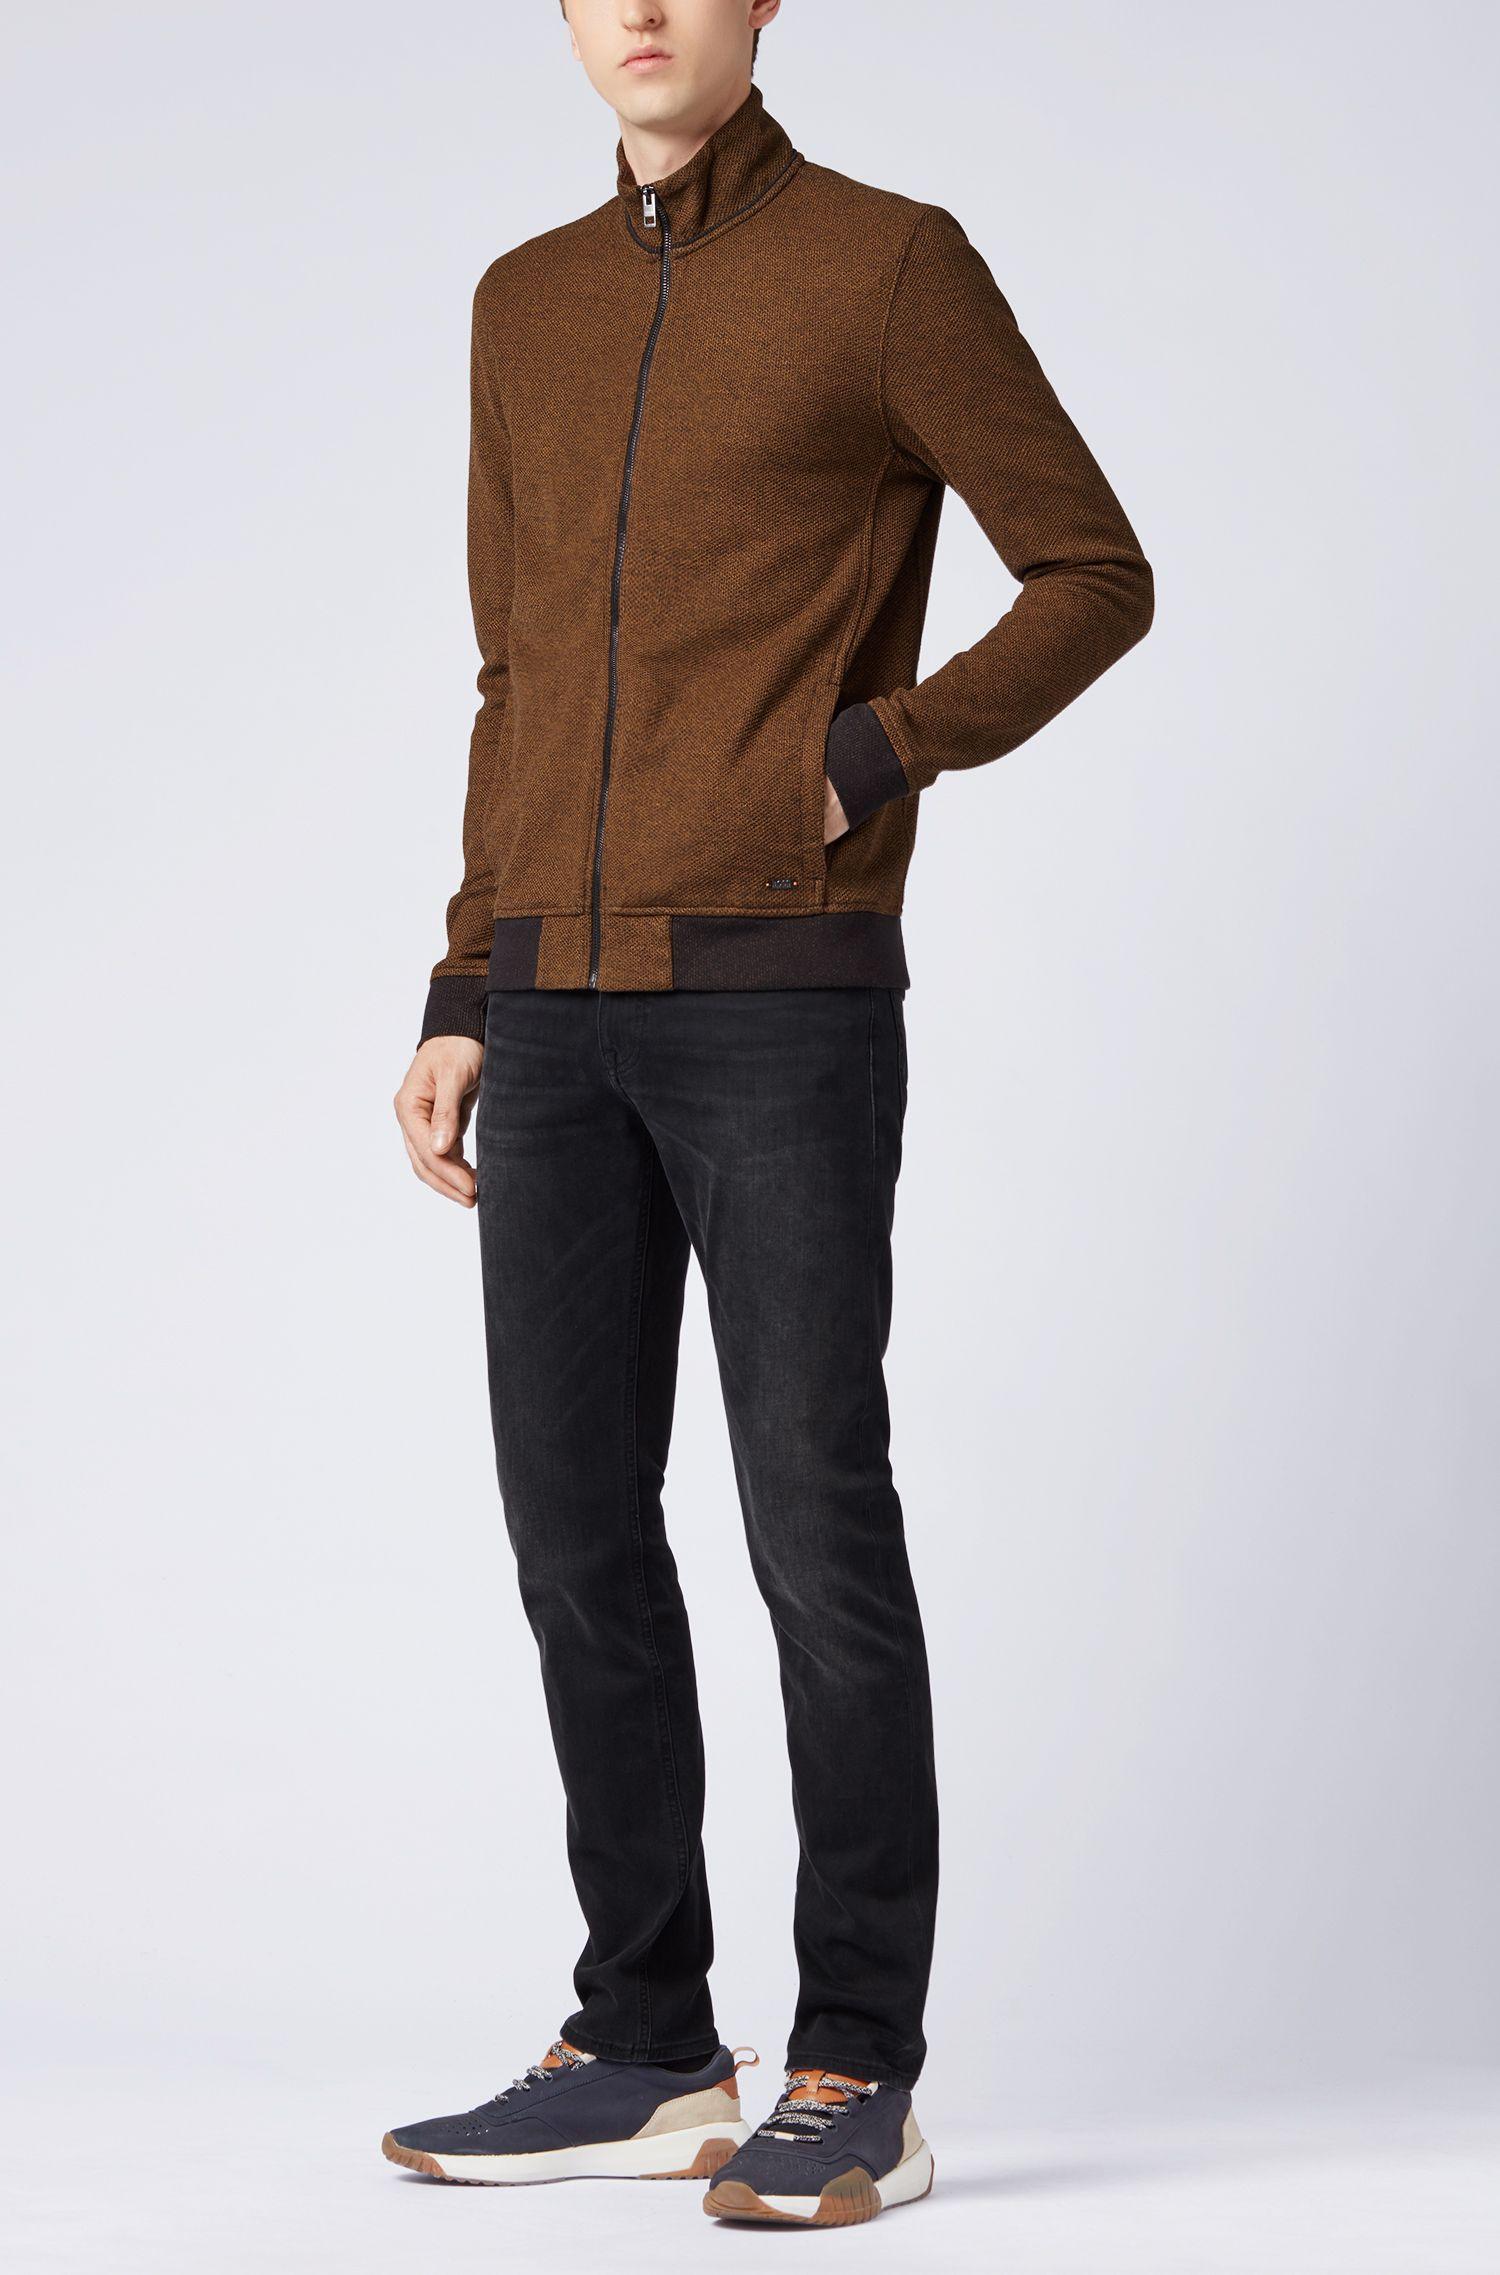 Jacke aus Jersey mit Mesh-Struktur und Reißverschluss, Braun